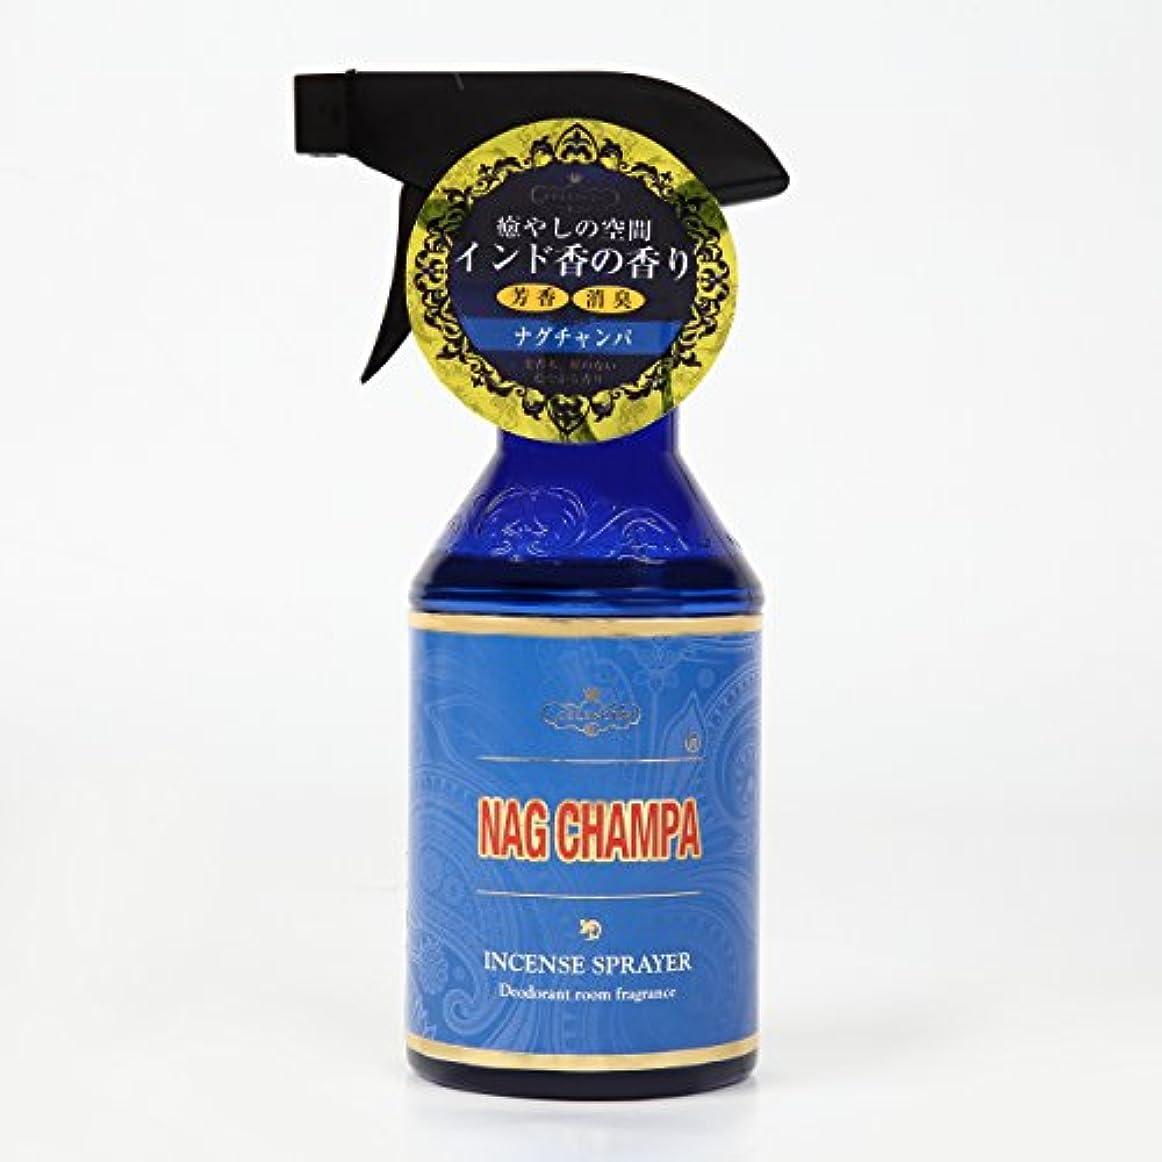 お香の香りの芳香剤 セレンスフレグランスルームスプレー ナグチャンパ